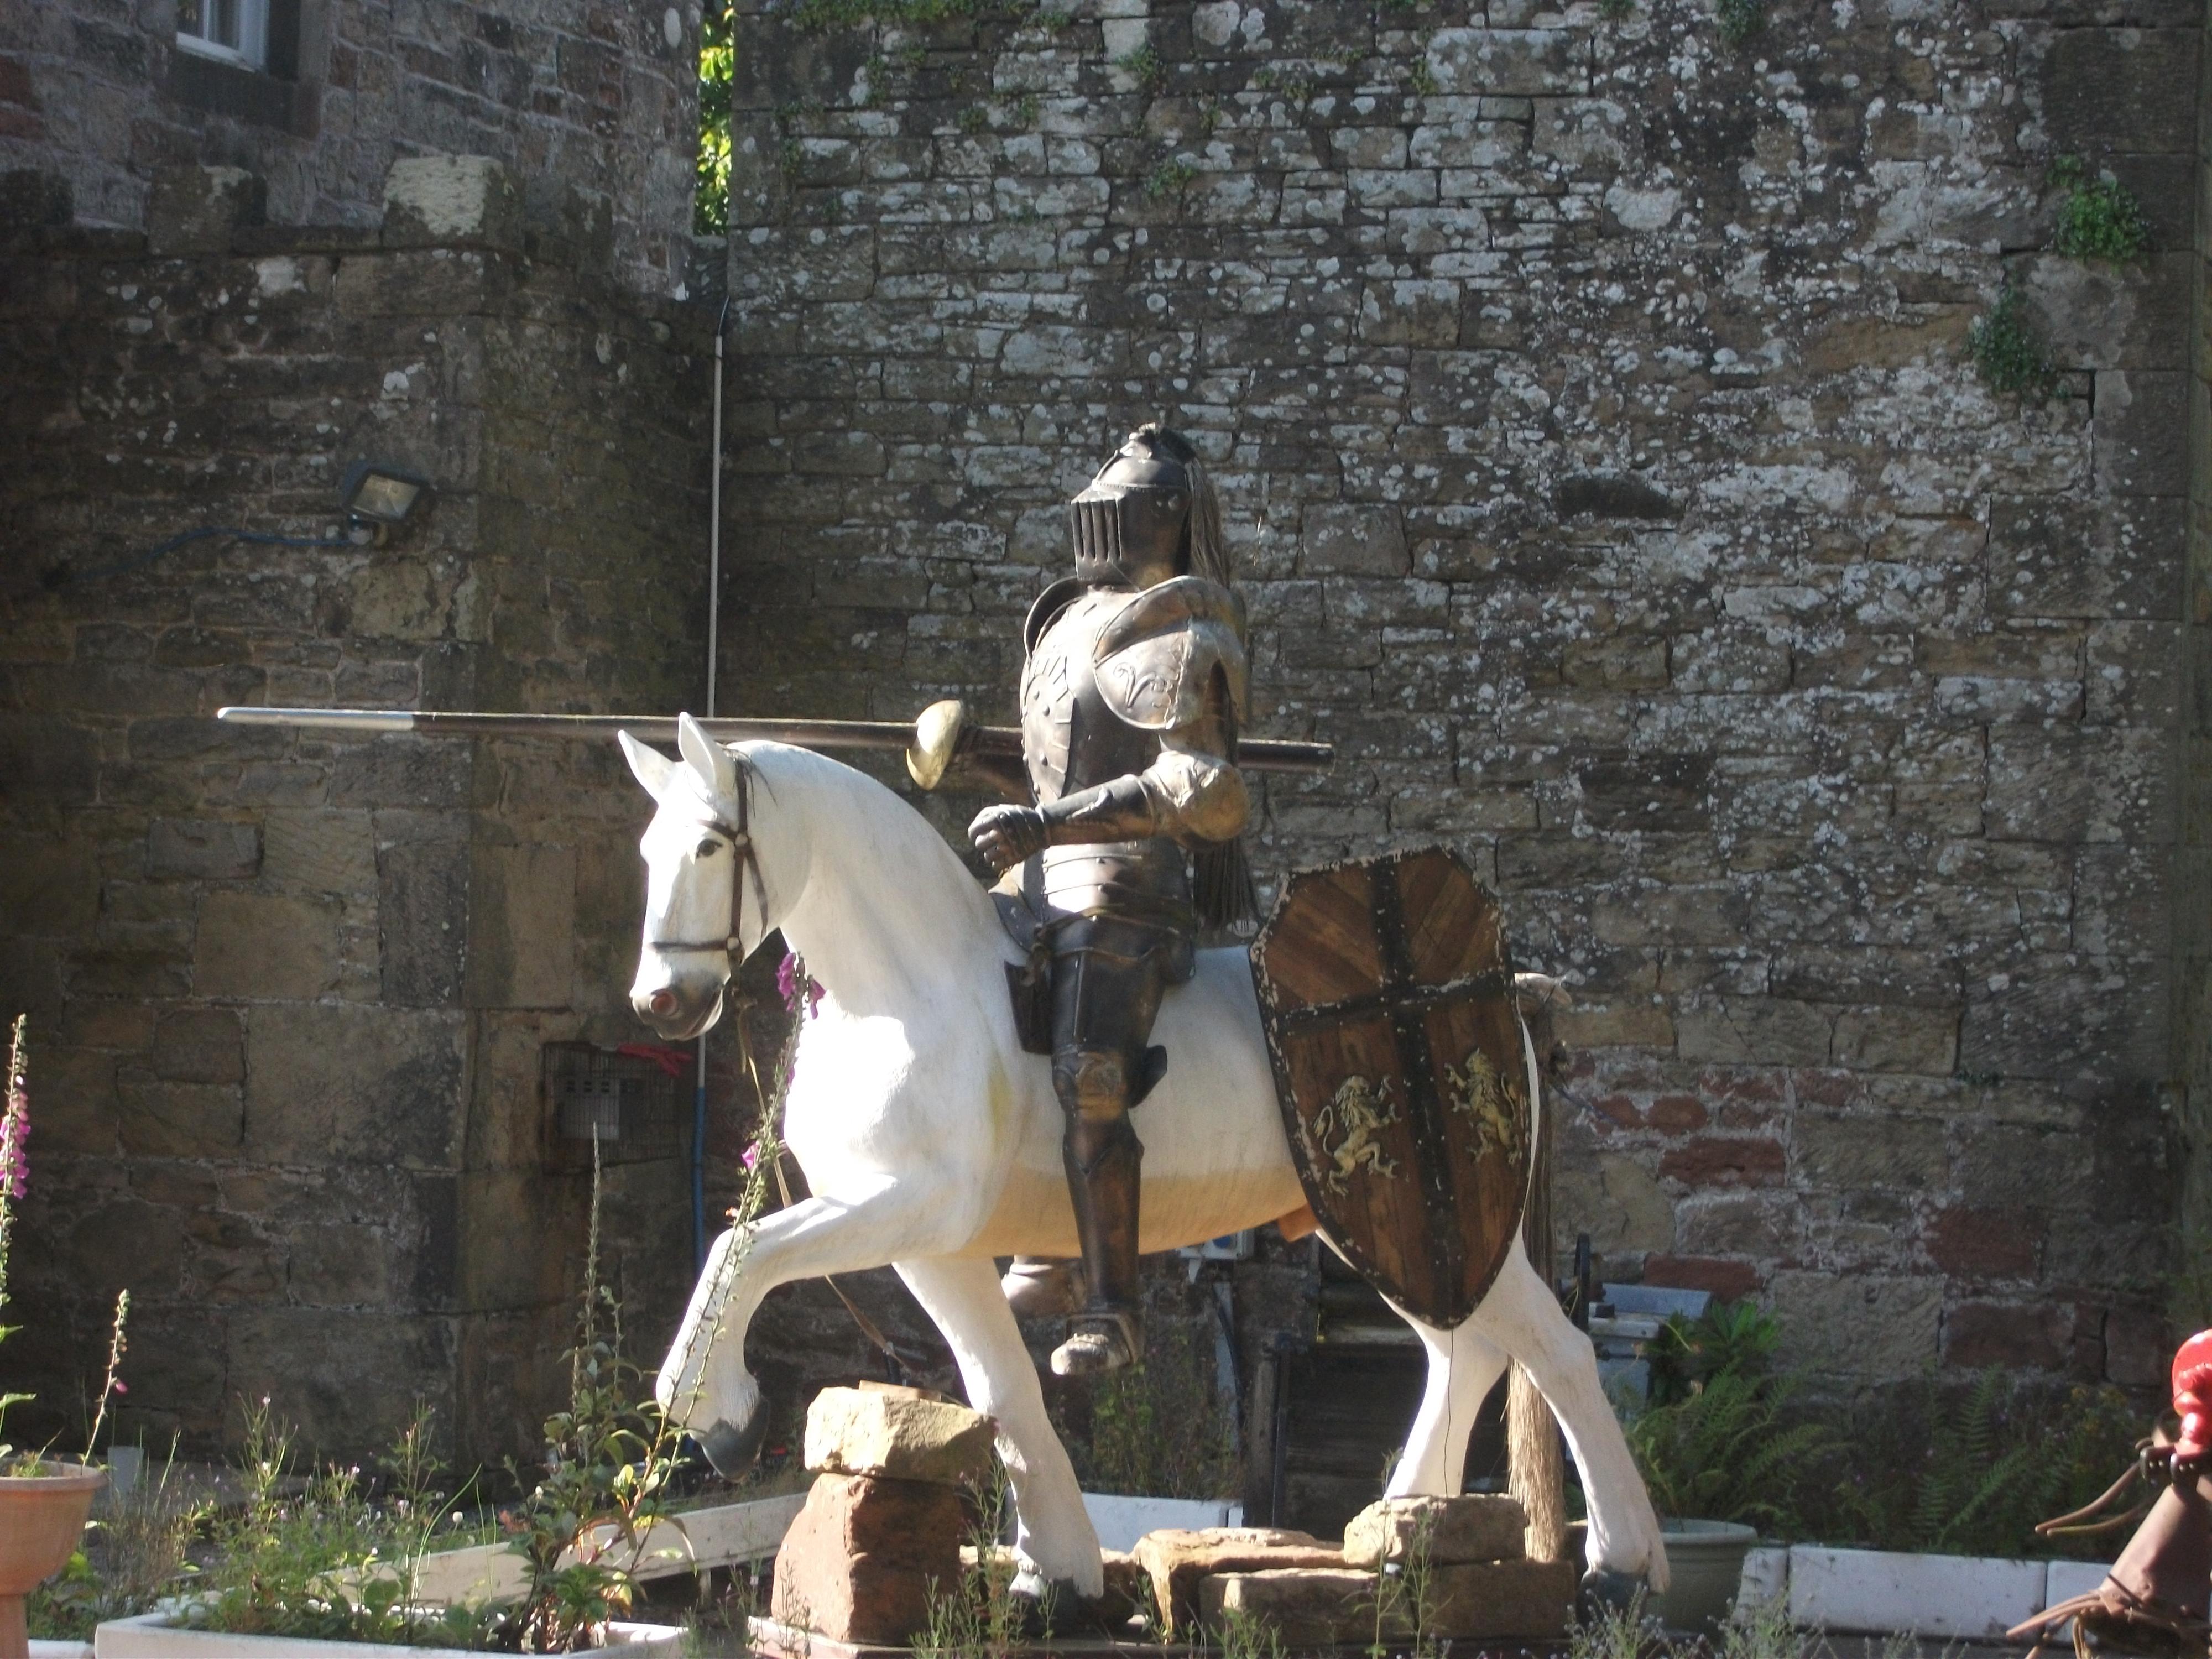 Knight on horseback by ValkyrieGhost-Stock on DeviantArt